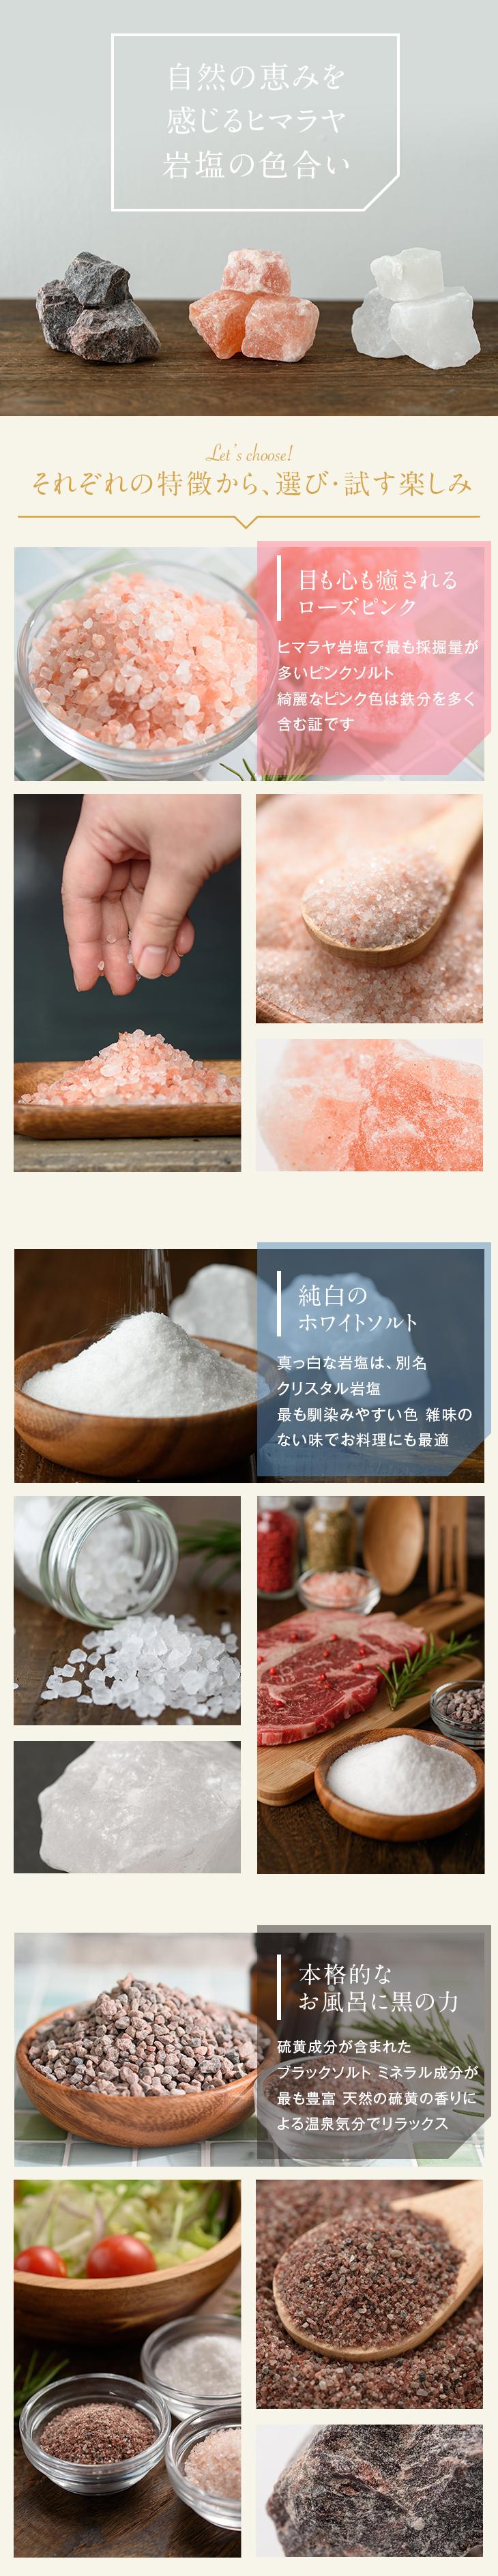 自然の恵みを感じるヒマラヤ岩塩の色合い